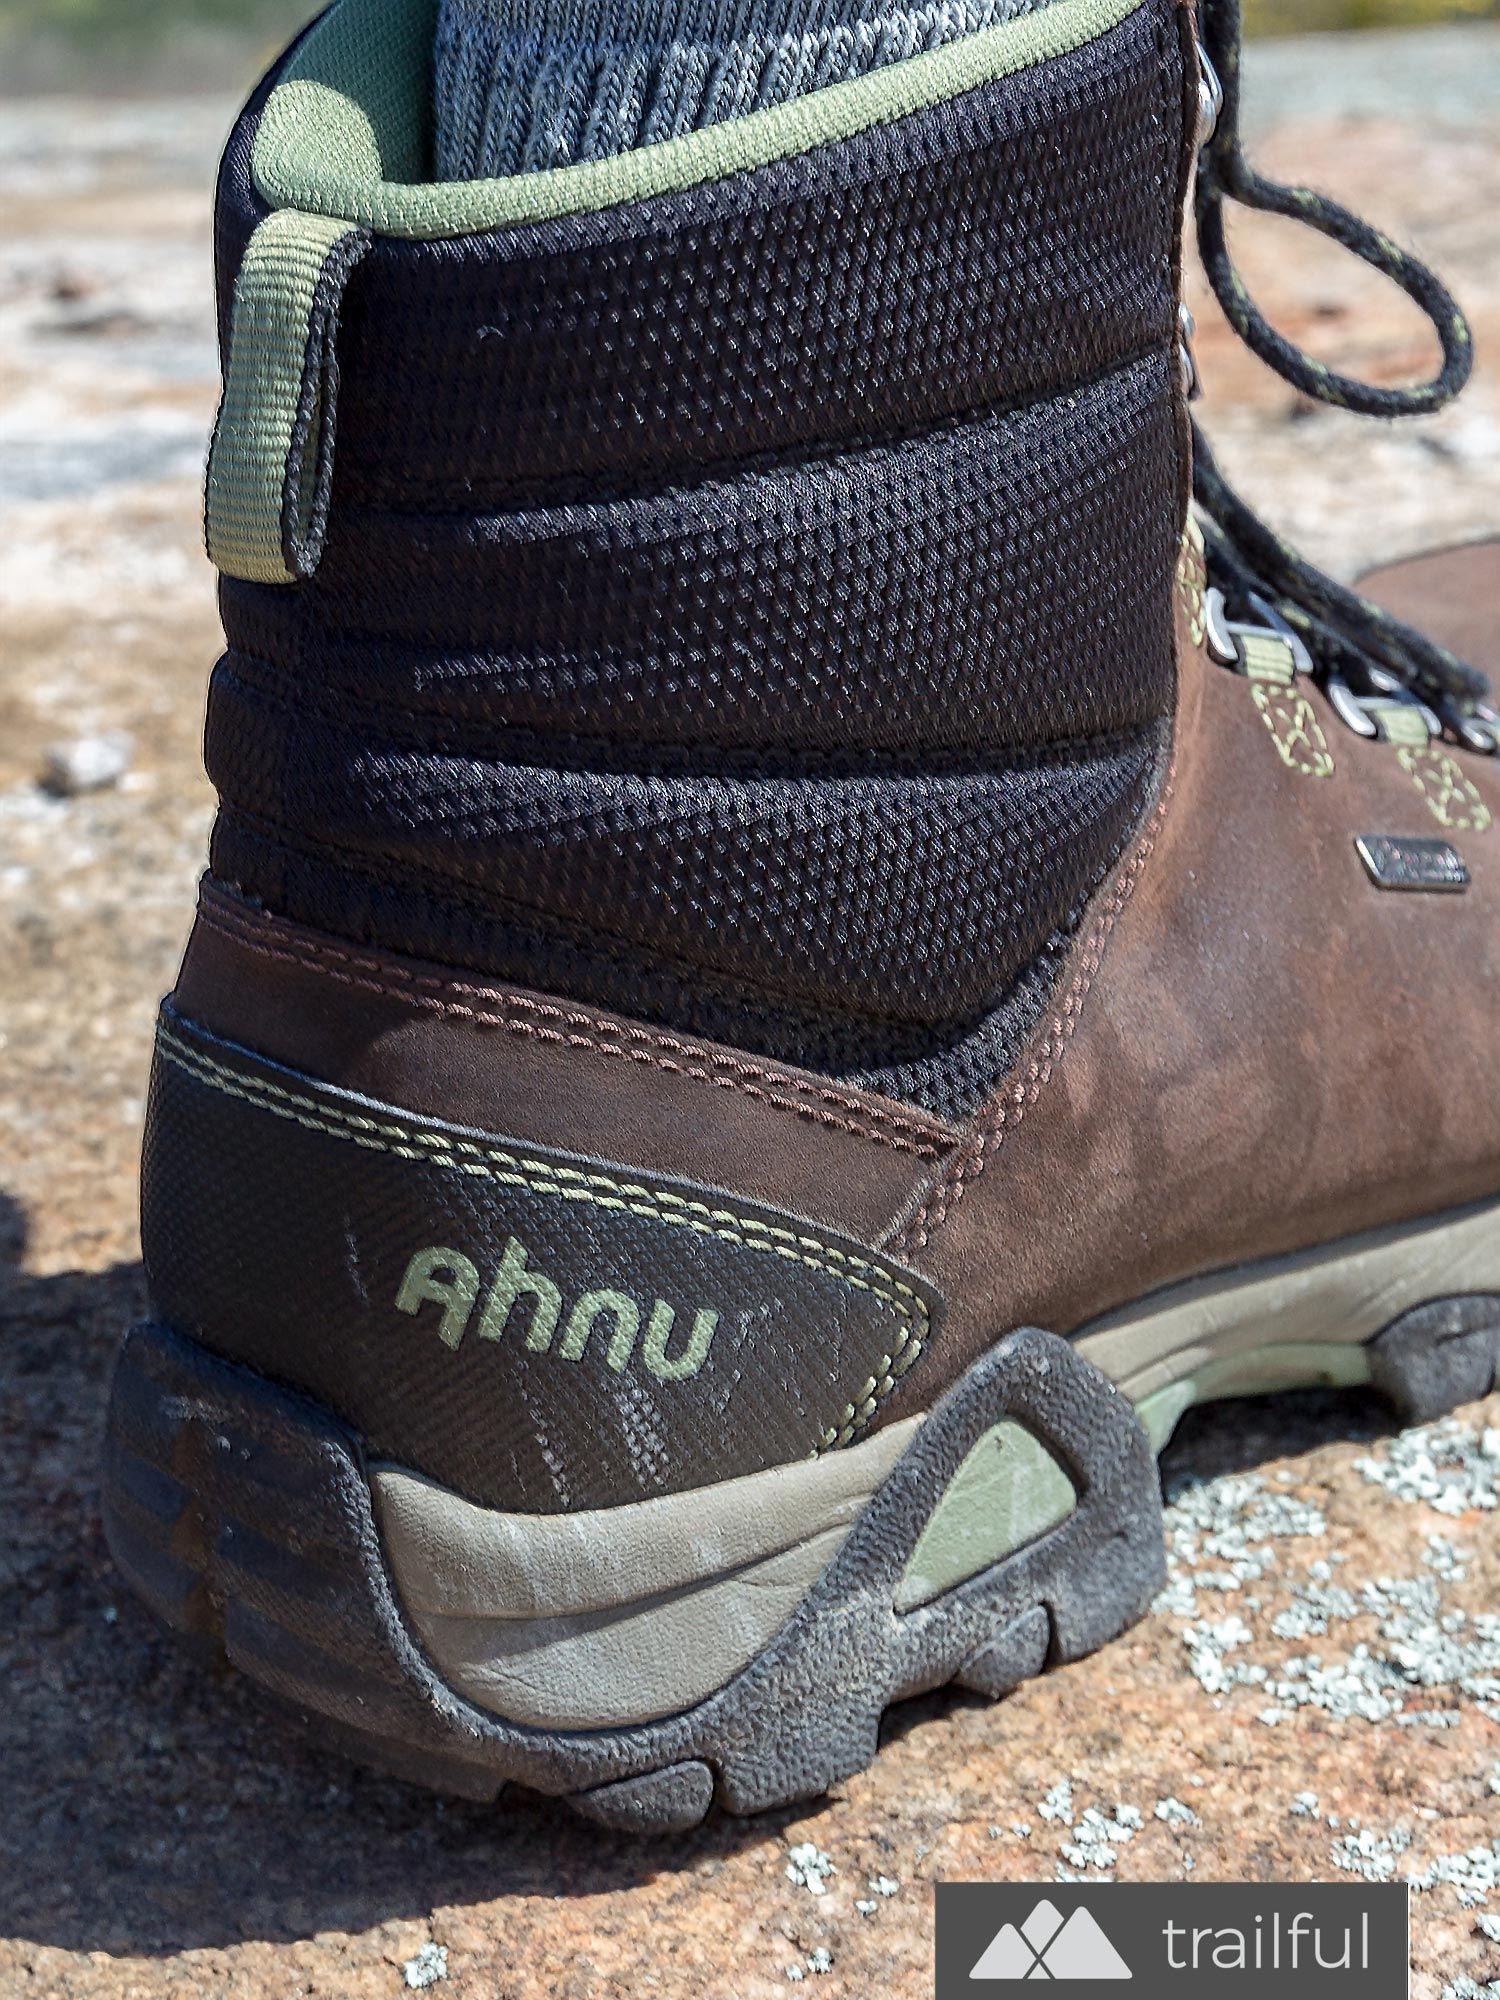 Ahnu Coburn Men S Hiking Boot Review Trailful Mens Hiking Boots Boots Hiking Boot Reviews